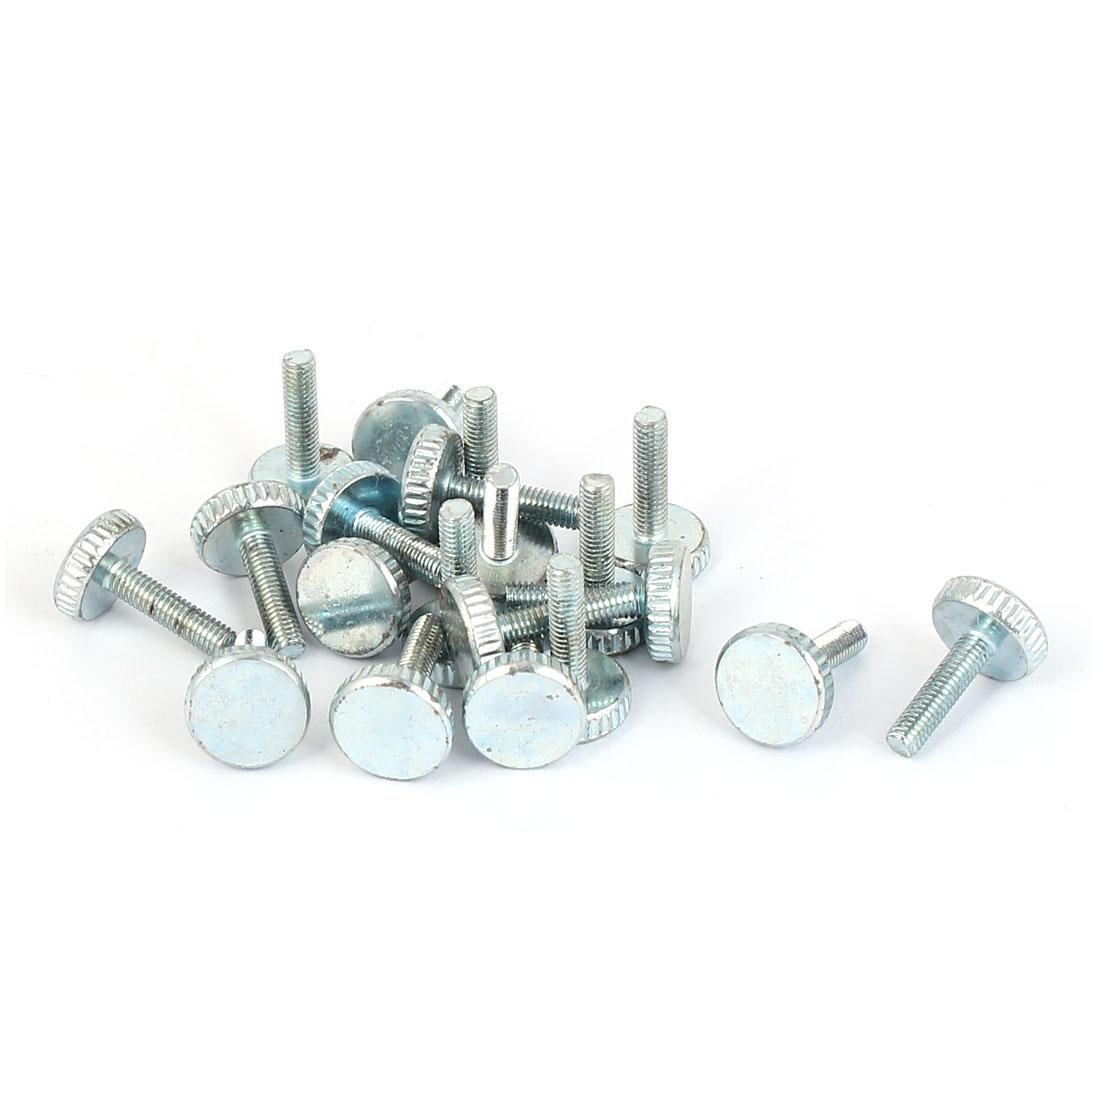 M3x12mm Thread Carbon Steel Knurled Round Head Thumb Screws Silver Blue 20pcs